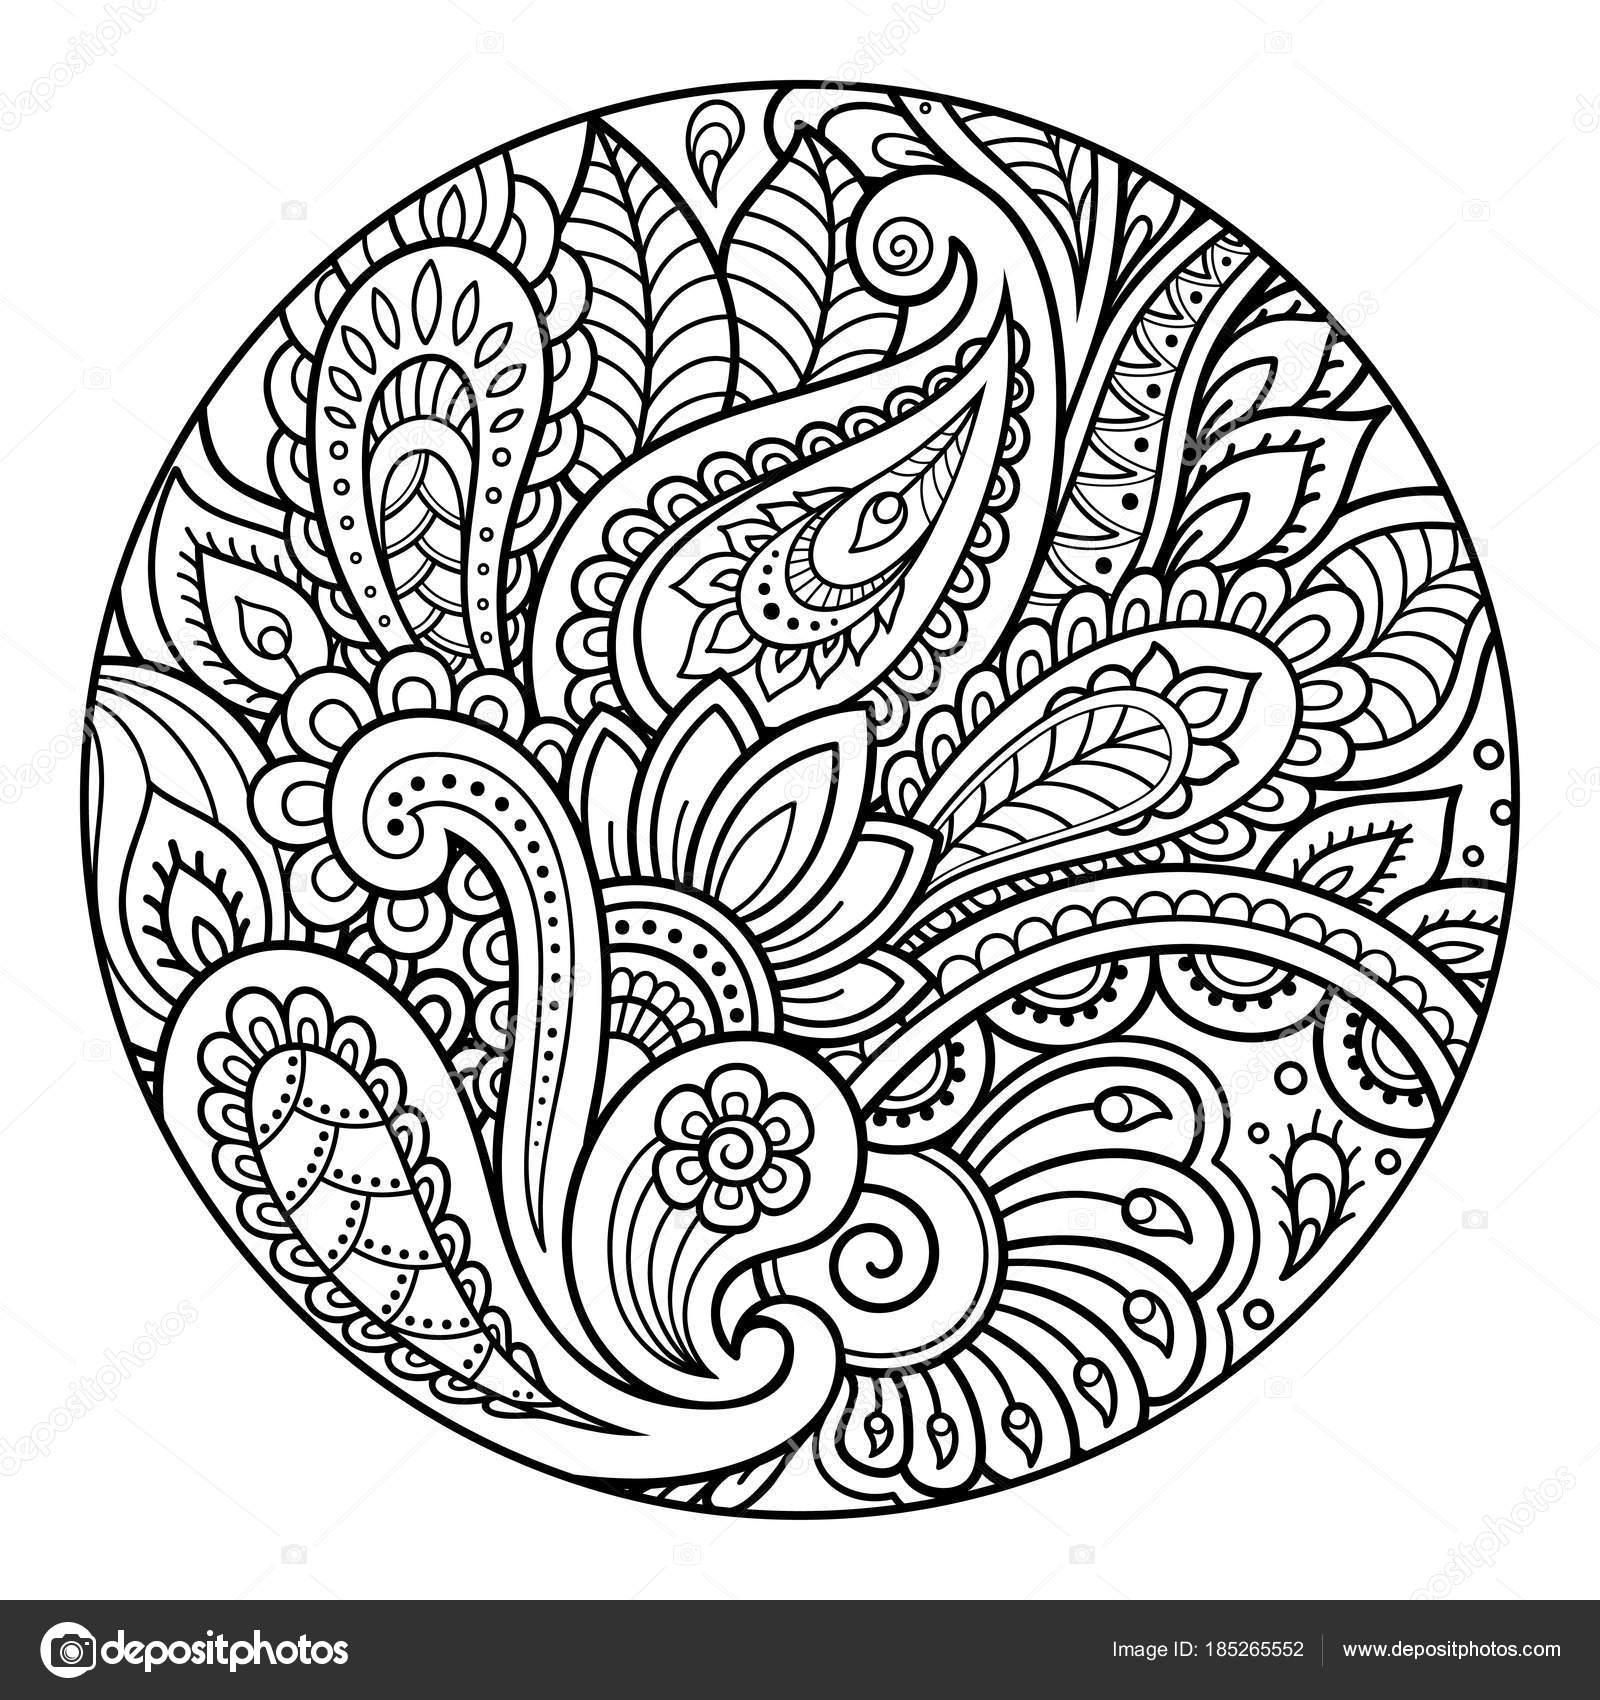 Contorno Redondo Patrón Floral Página Libro Para Colorear Antiestrés ...